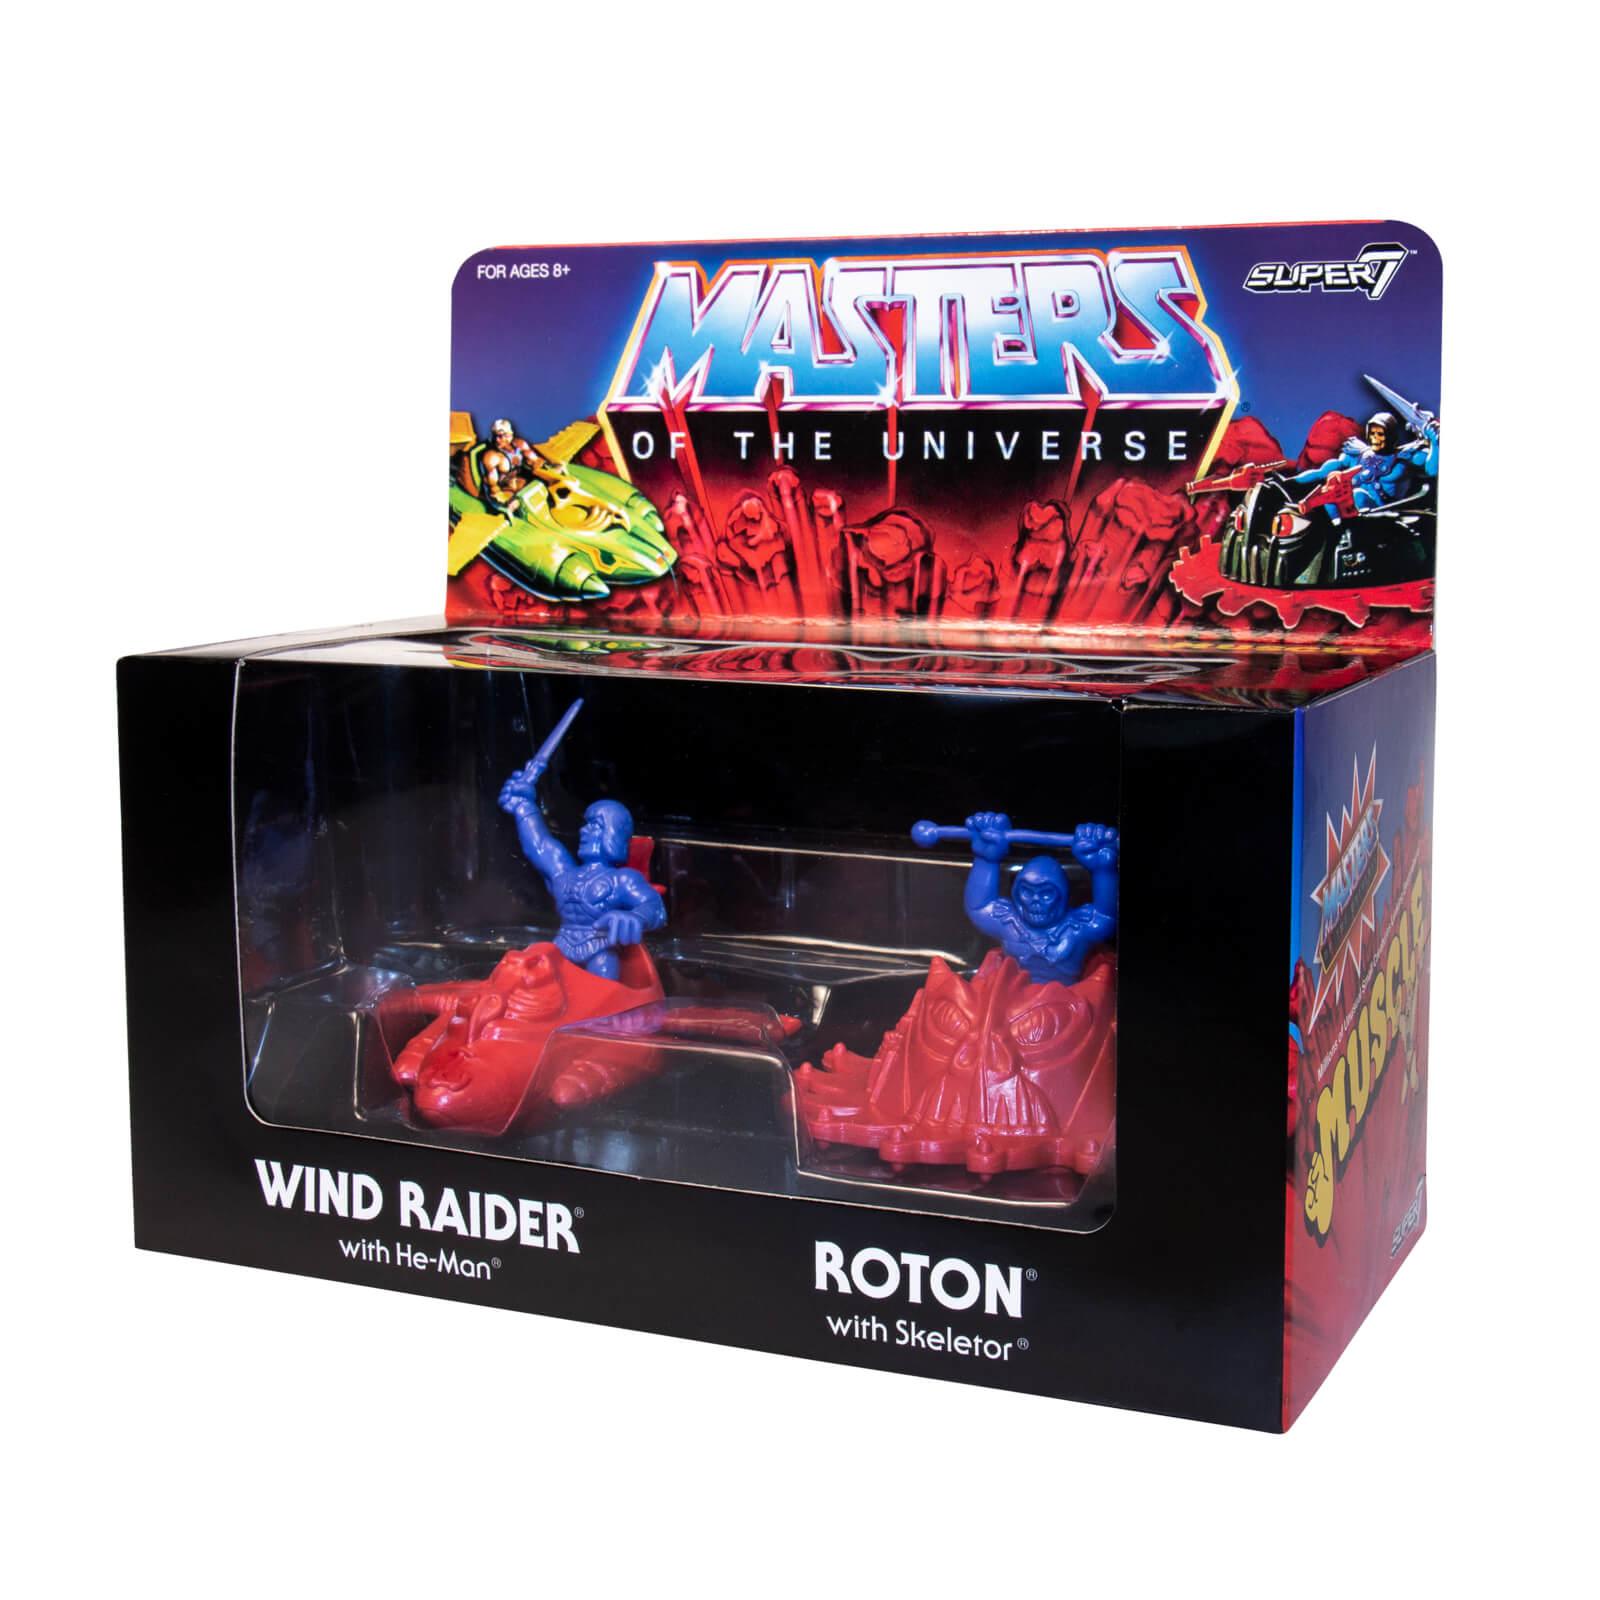 Masters of the Universe m.u.s.c.l.e. Box Purple/Orange Exclusive